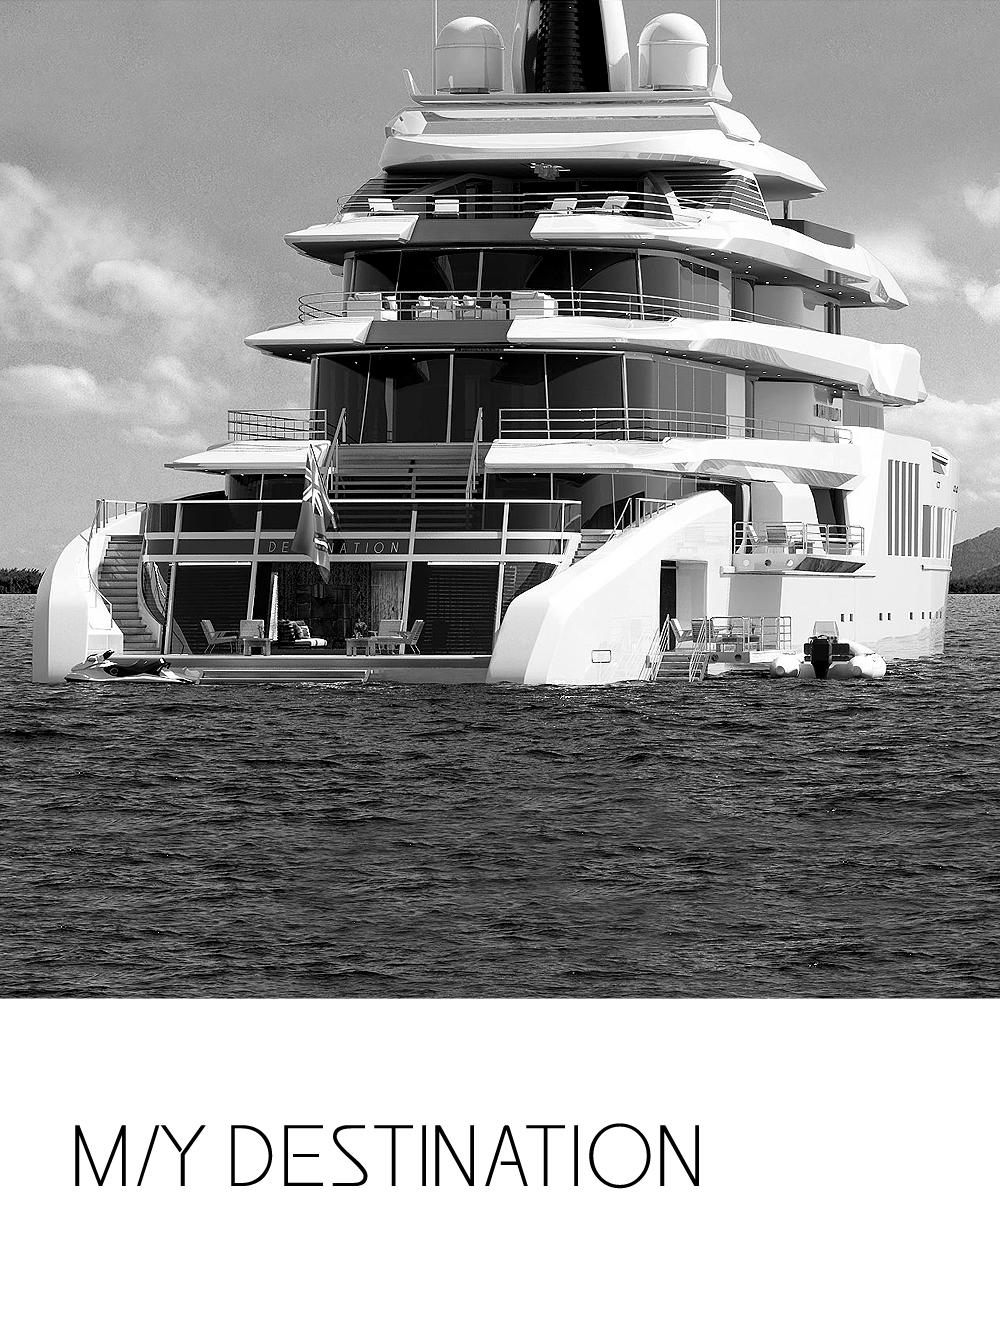 M/Y Destination